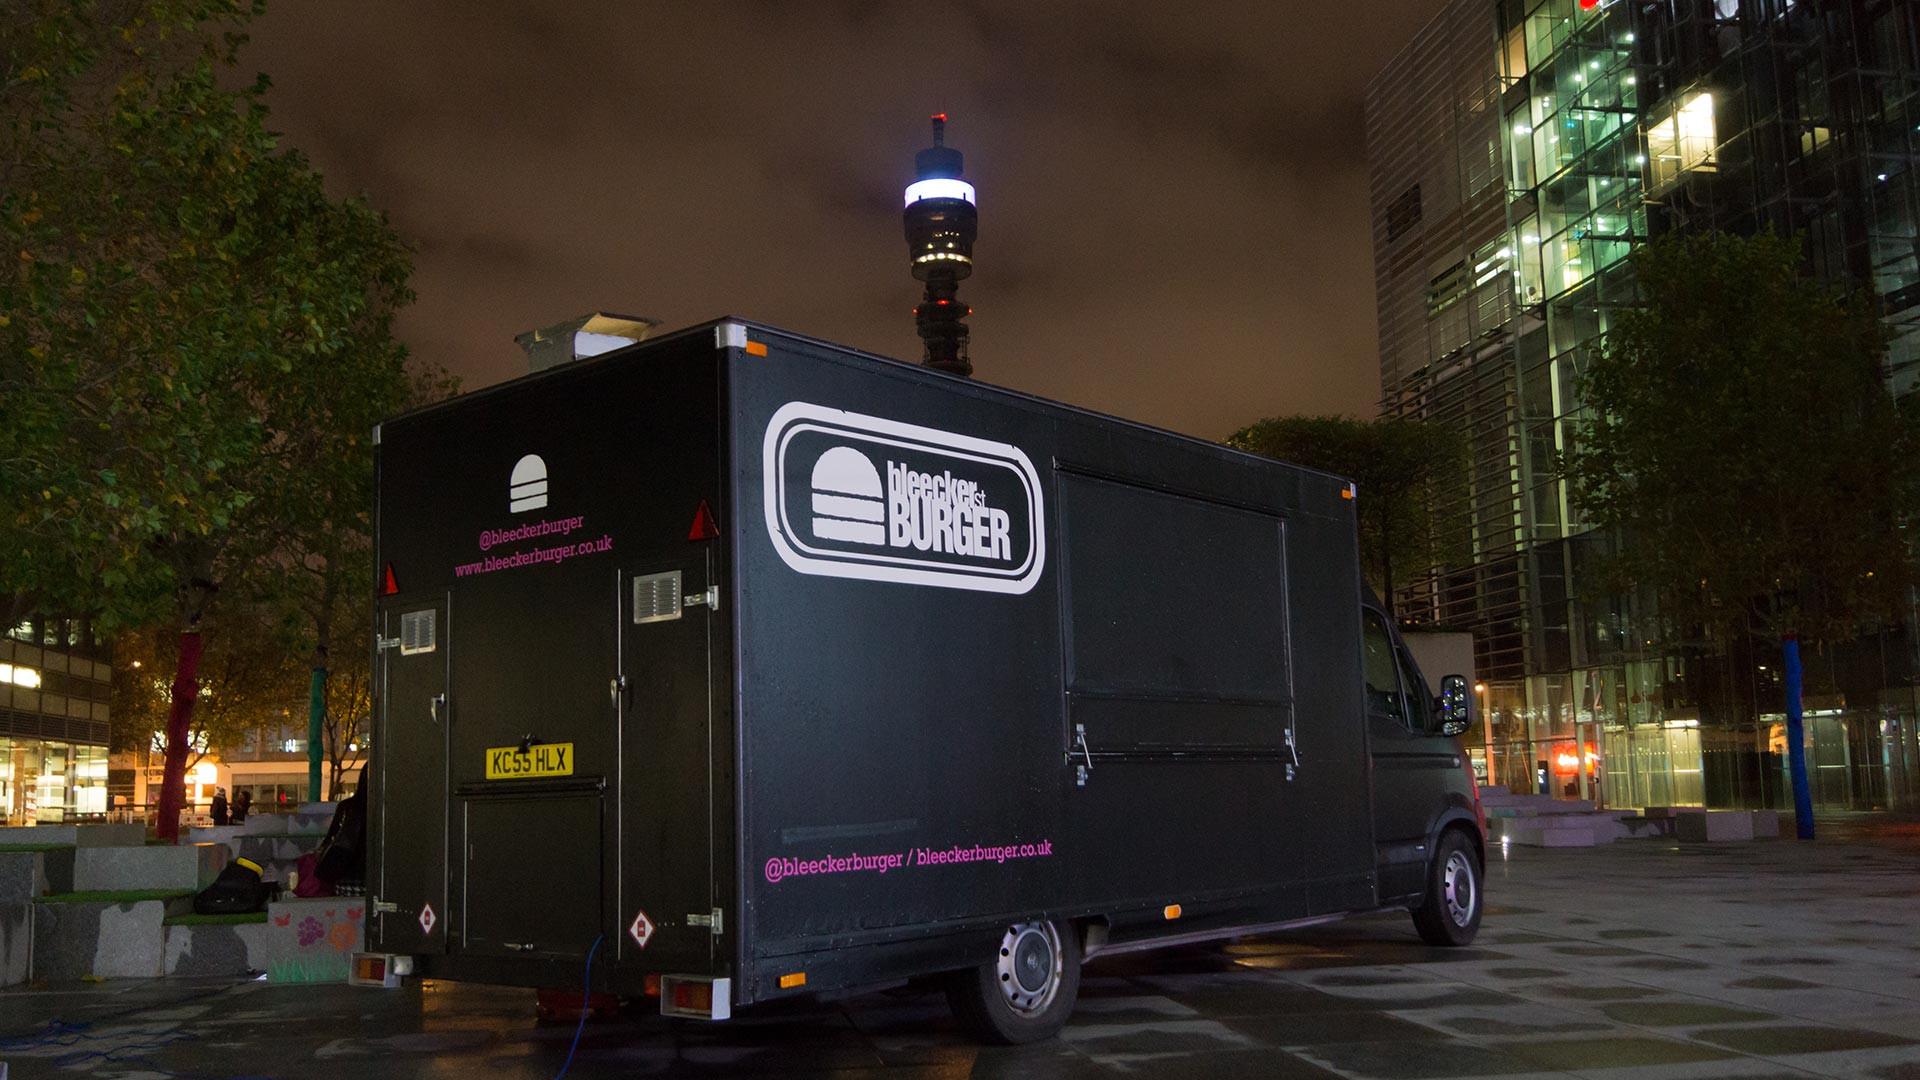 Bleecker Burger's food truck